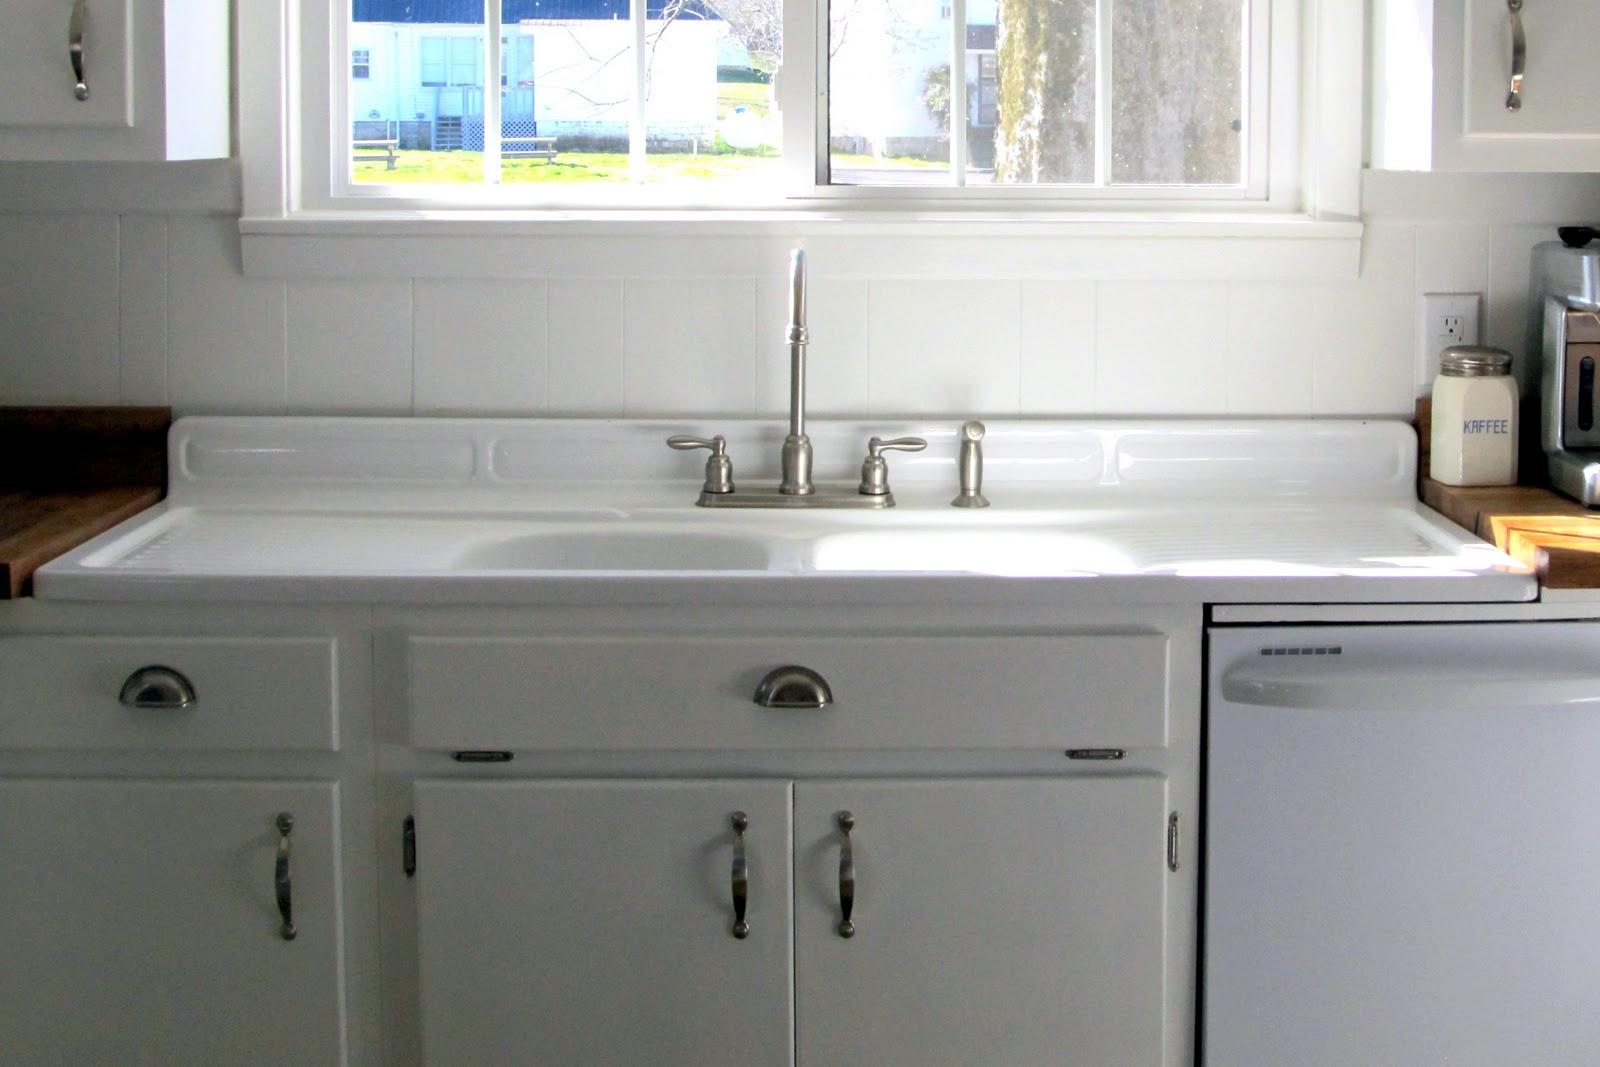 Keeping It Cozy: A Farmhouse Sink